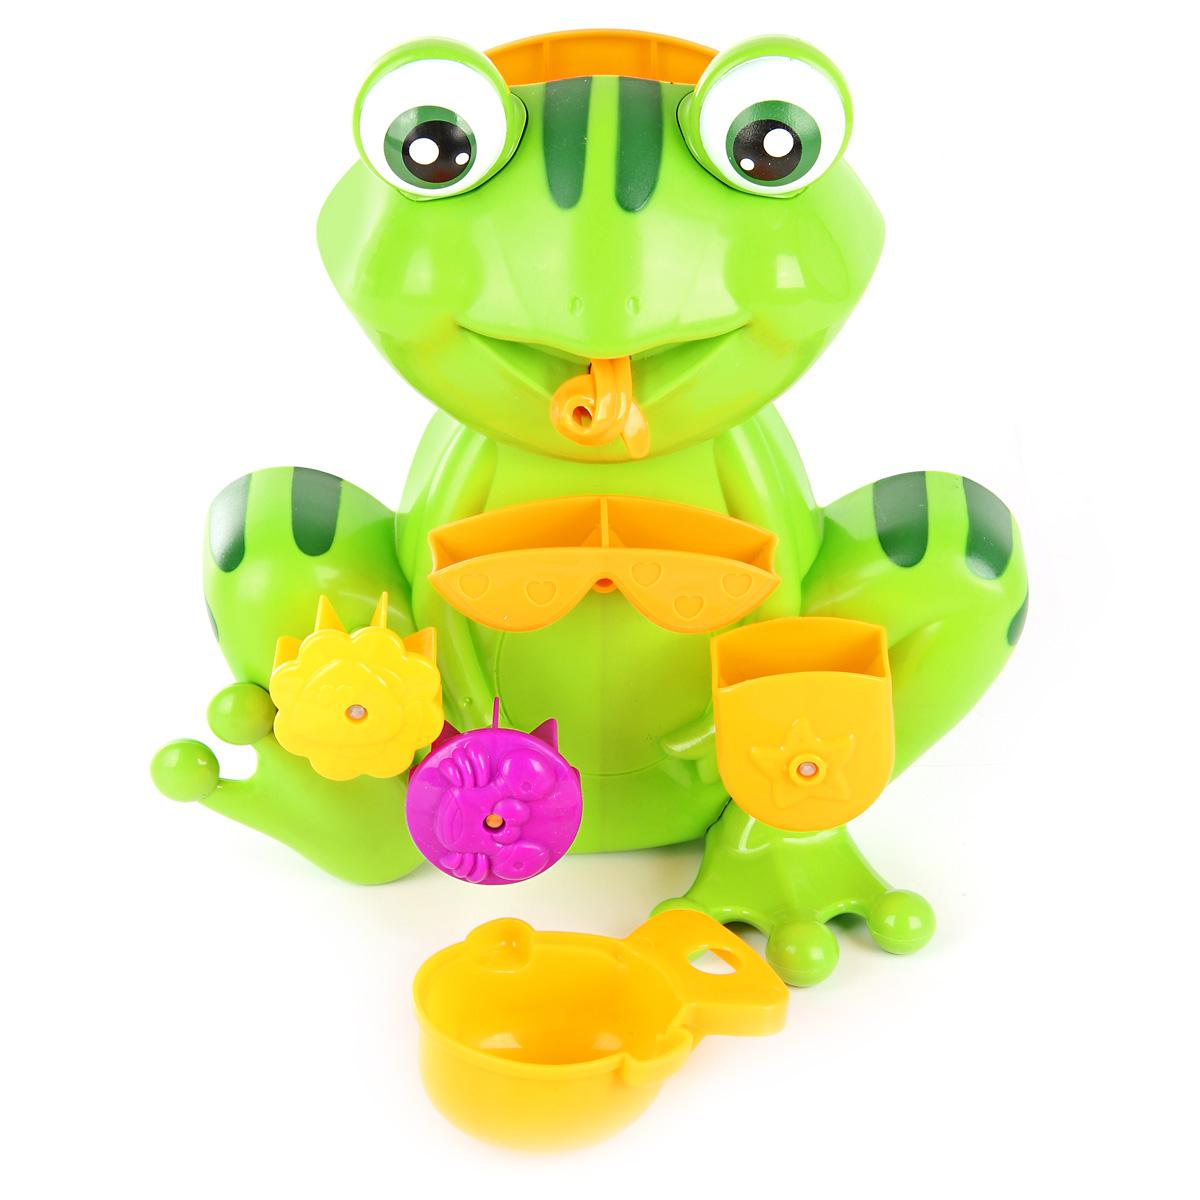 цены Игрушки для ванны Ути Пути Мельница. Лягушка